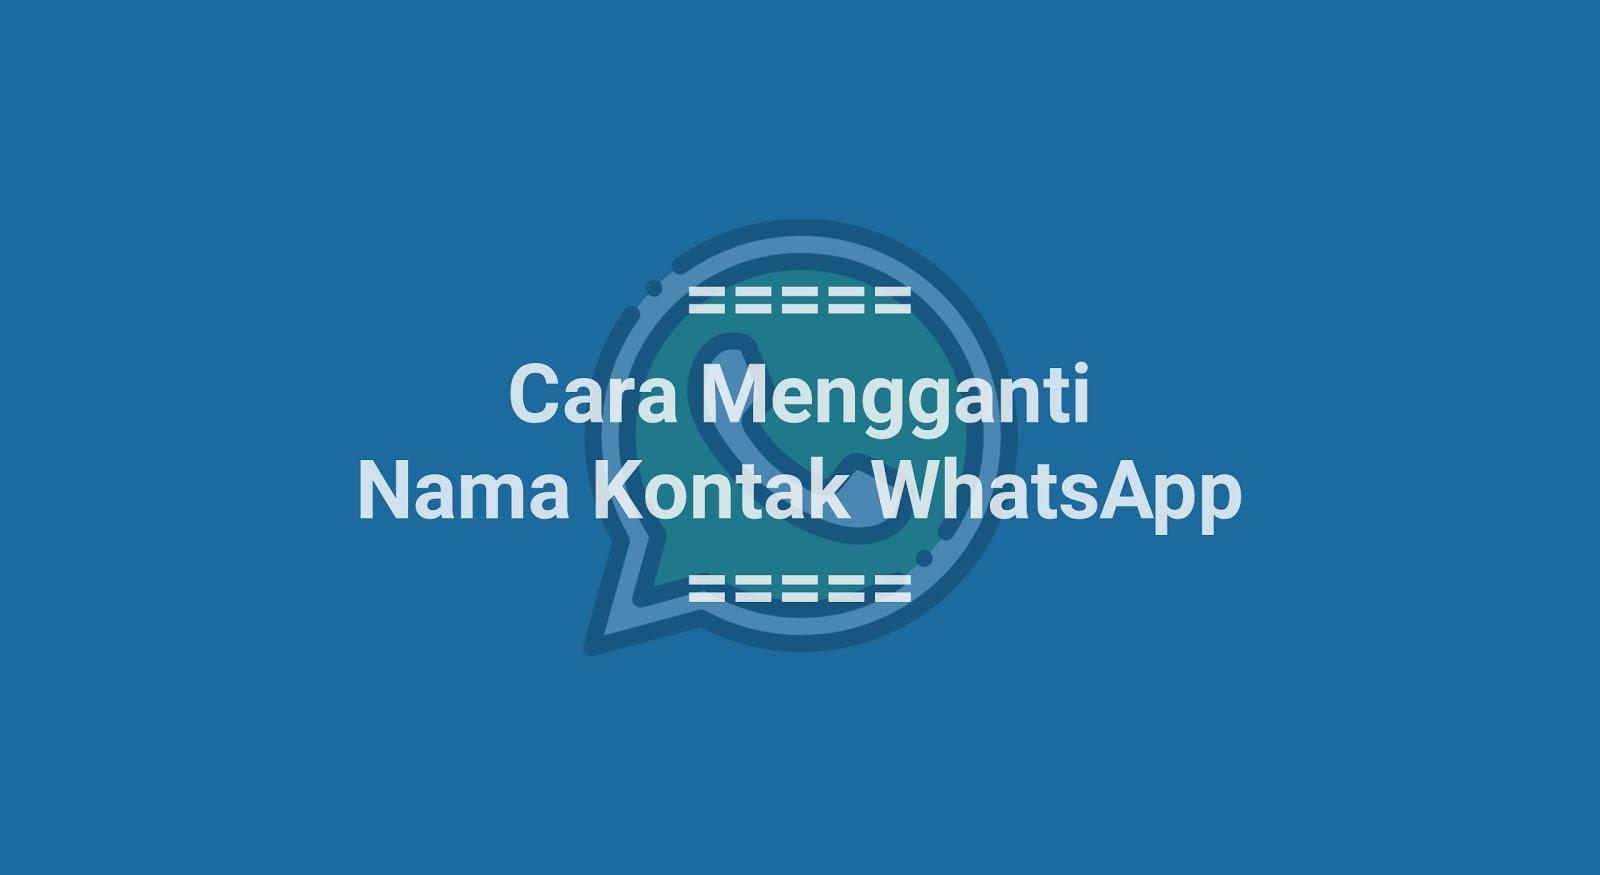 Cara Mengganti Nama Kontak WhatsApp